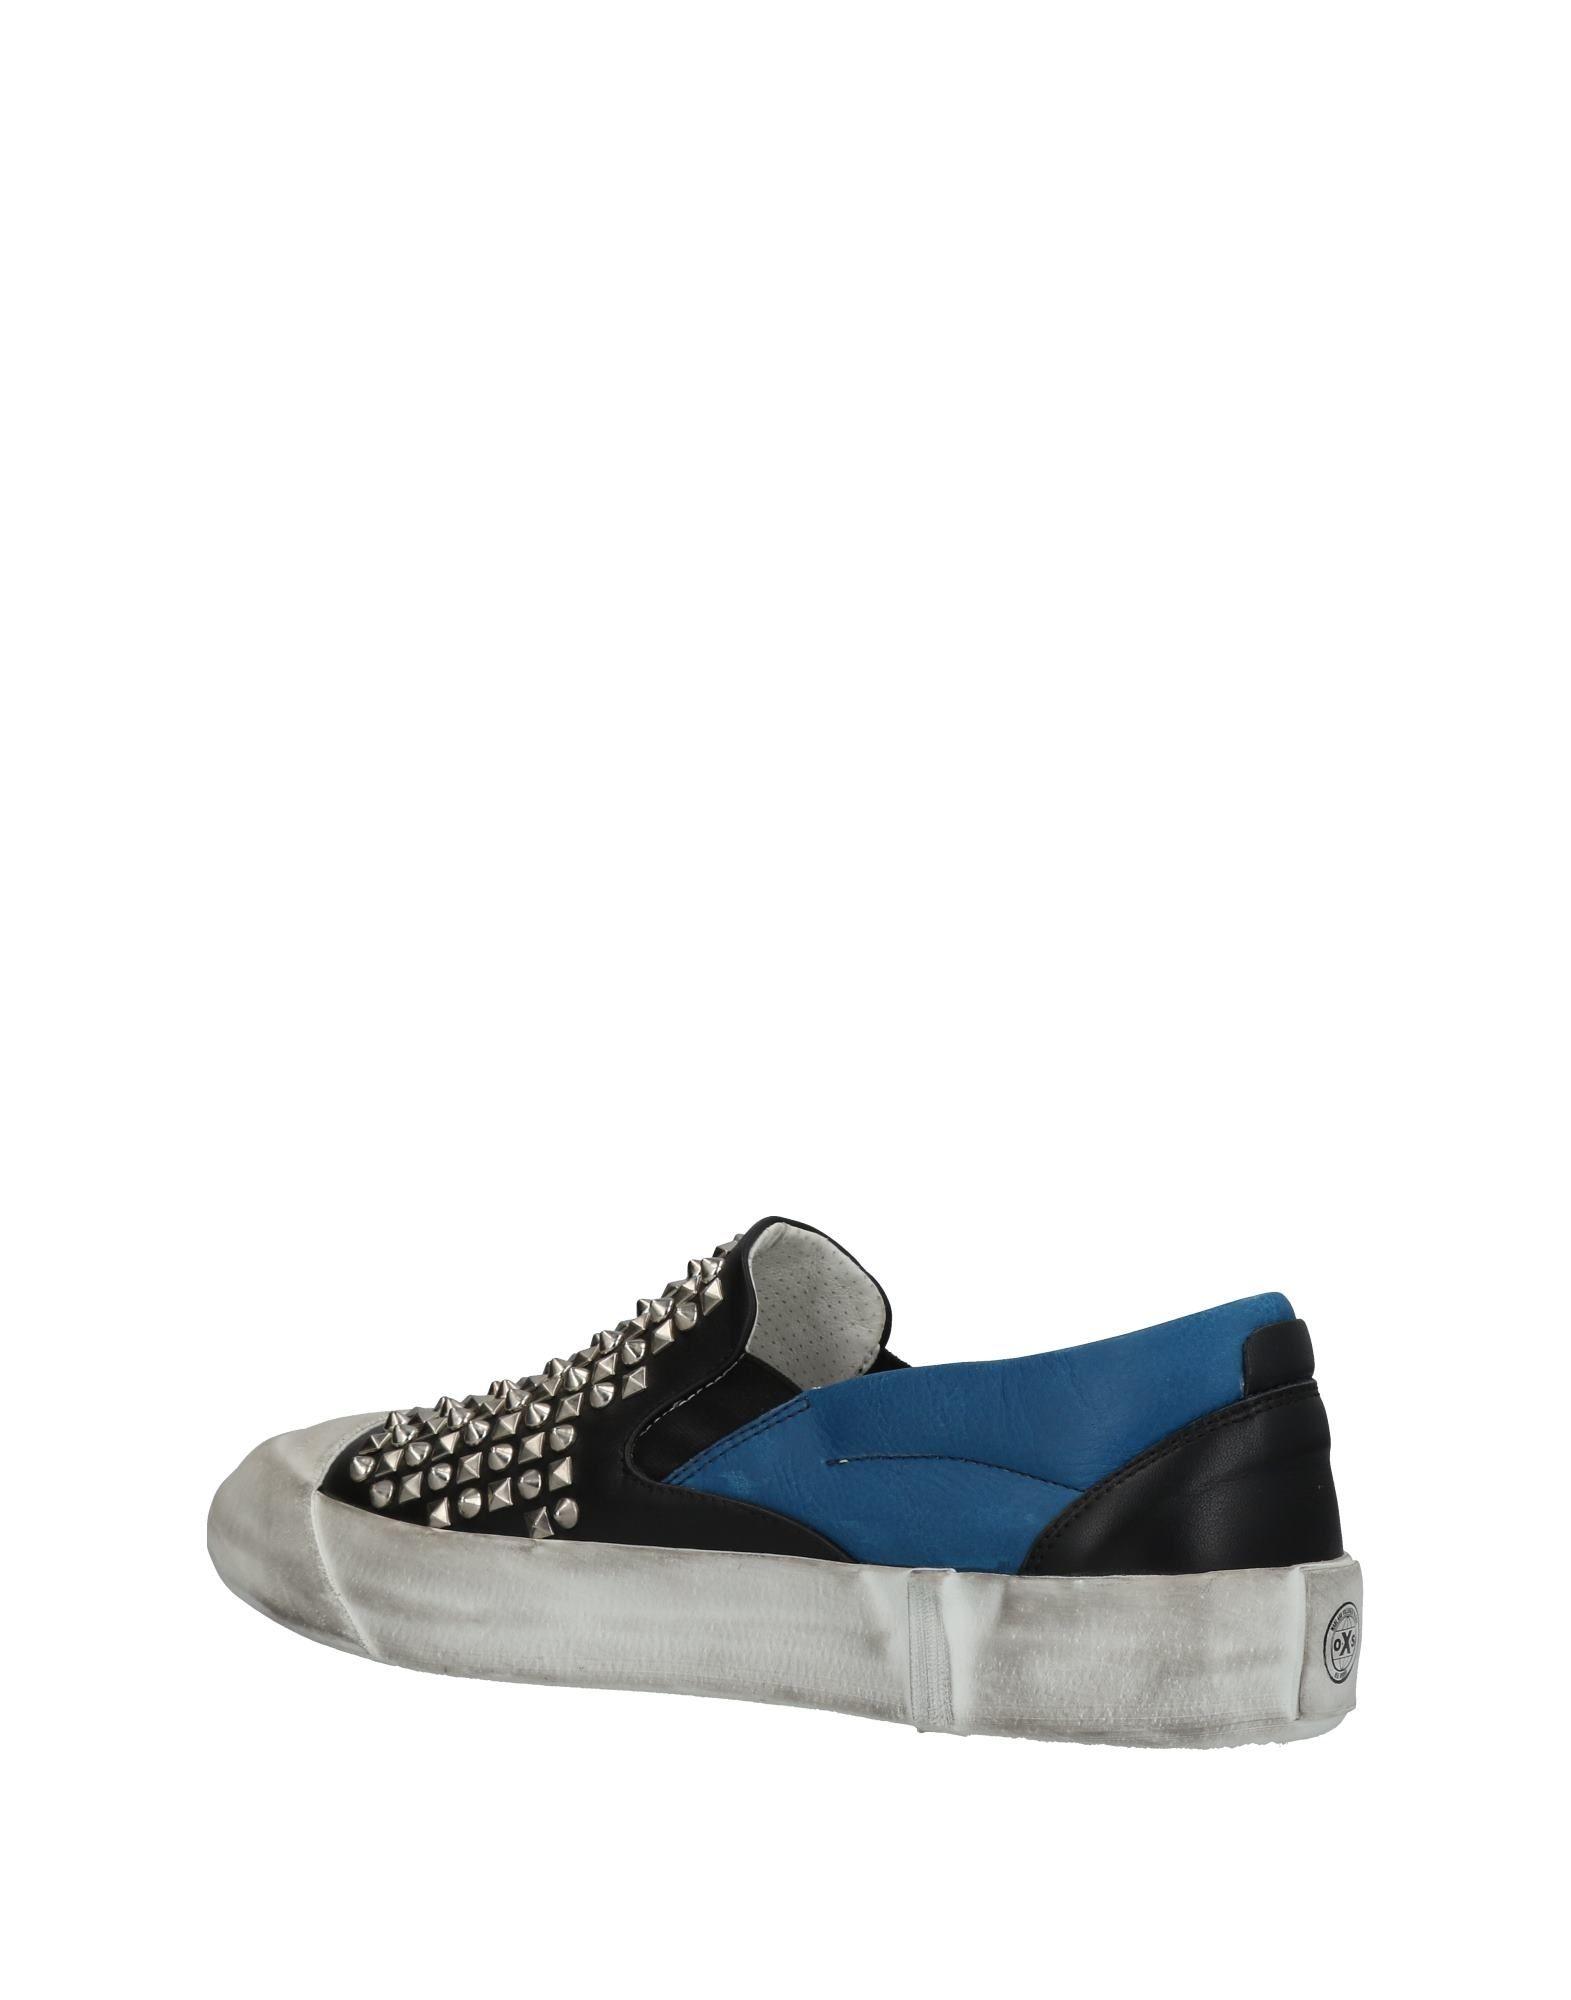 O.X.S. Sneakers Herren  11455771UL Gute Qualität beliebte Schuhe